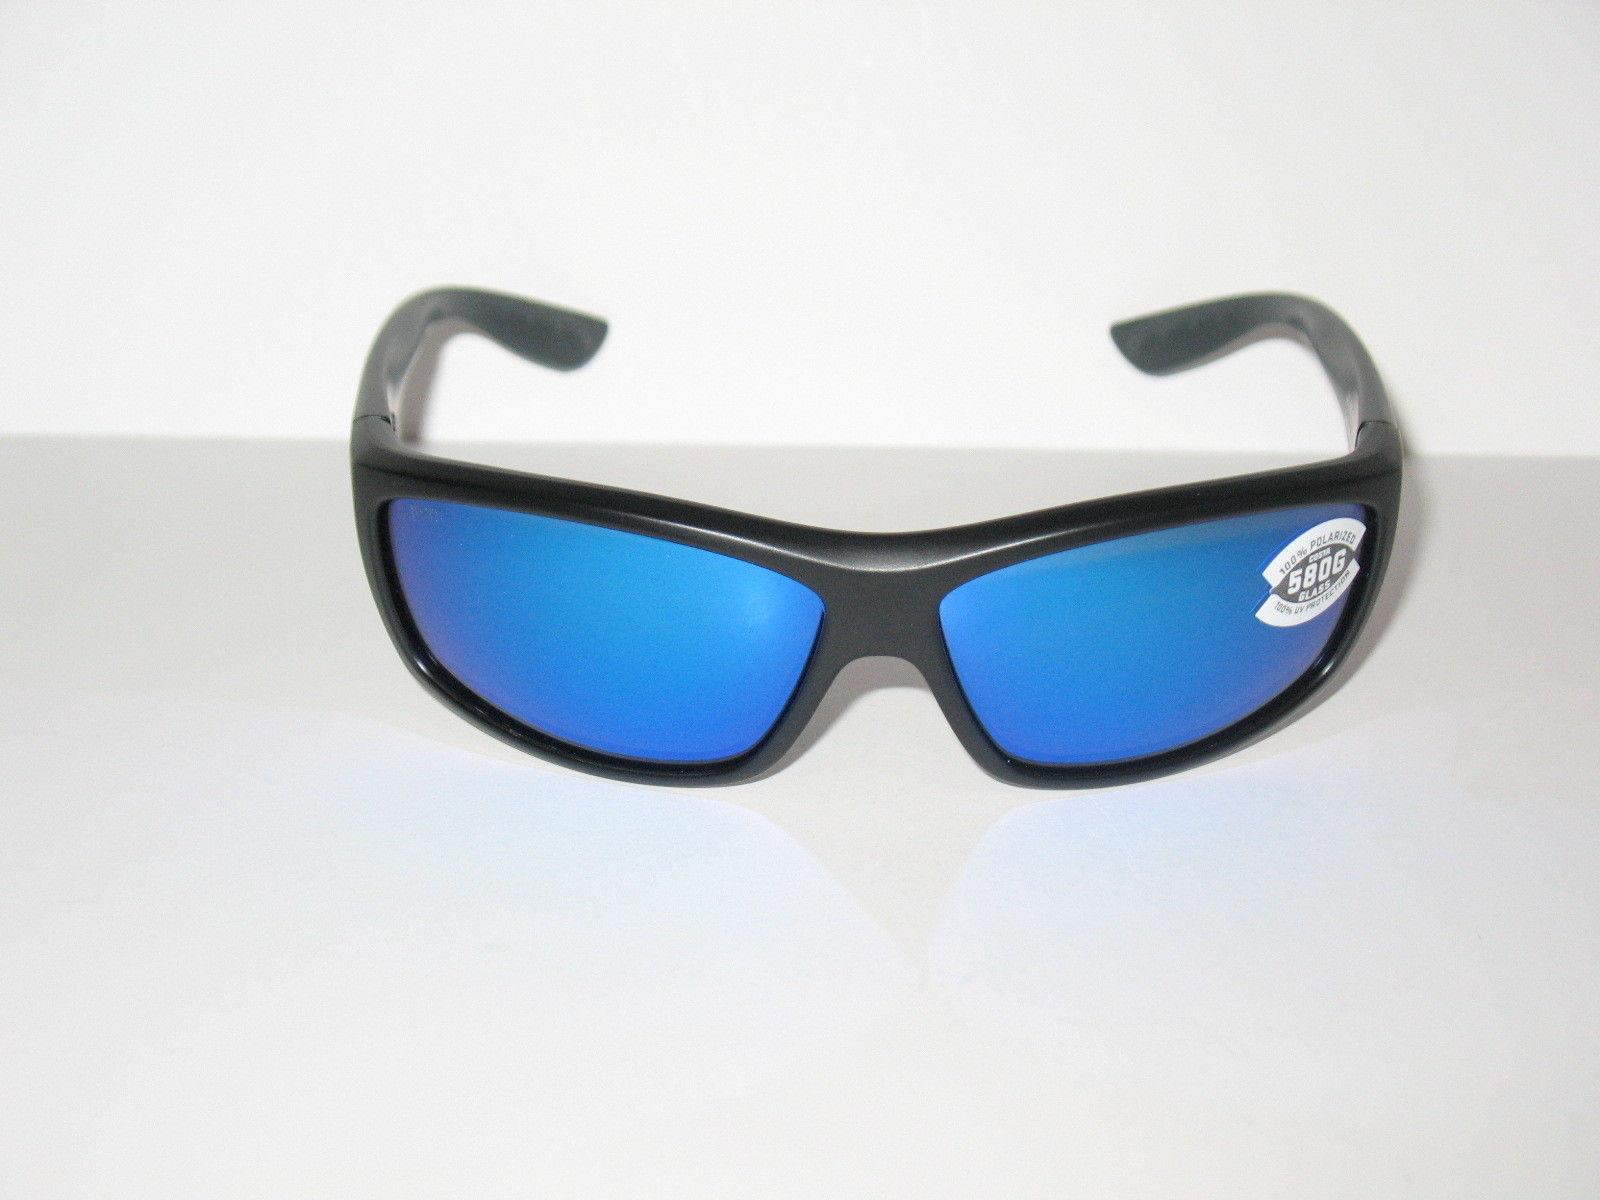 fec50a9782c Costa Del Mar Saltbreak Sunglasses and 23 similar items